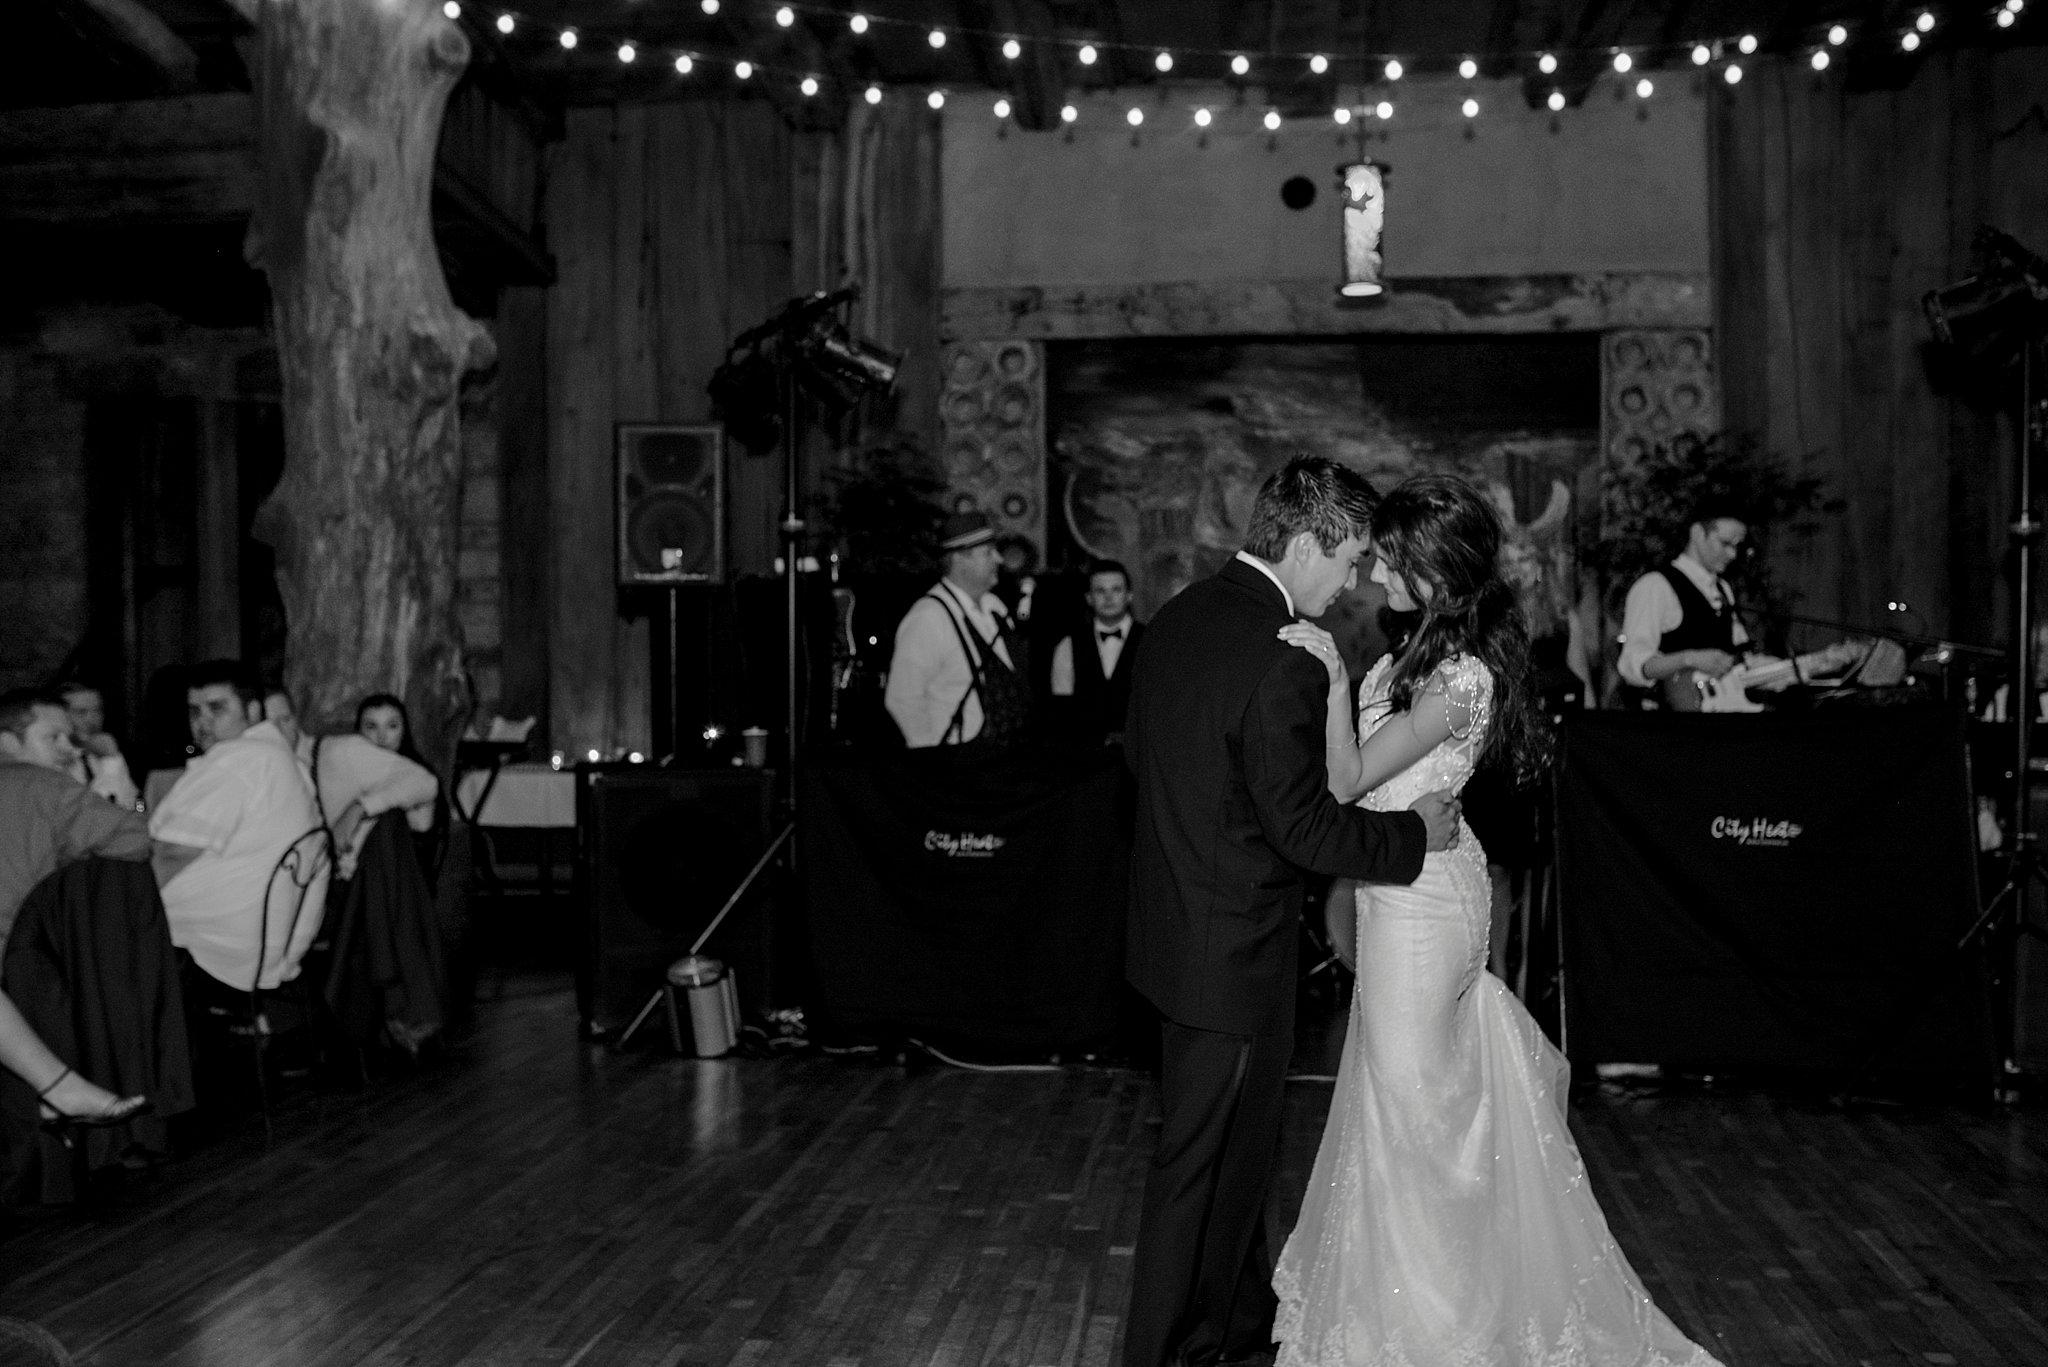 First dance - Weddings